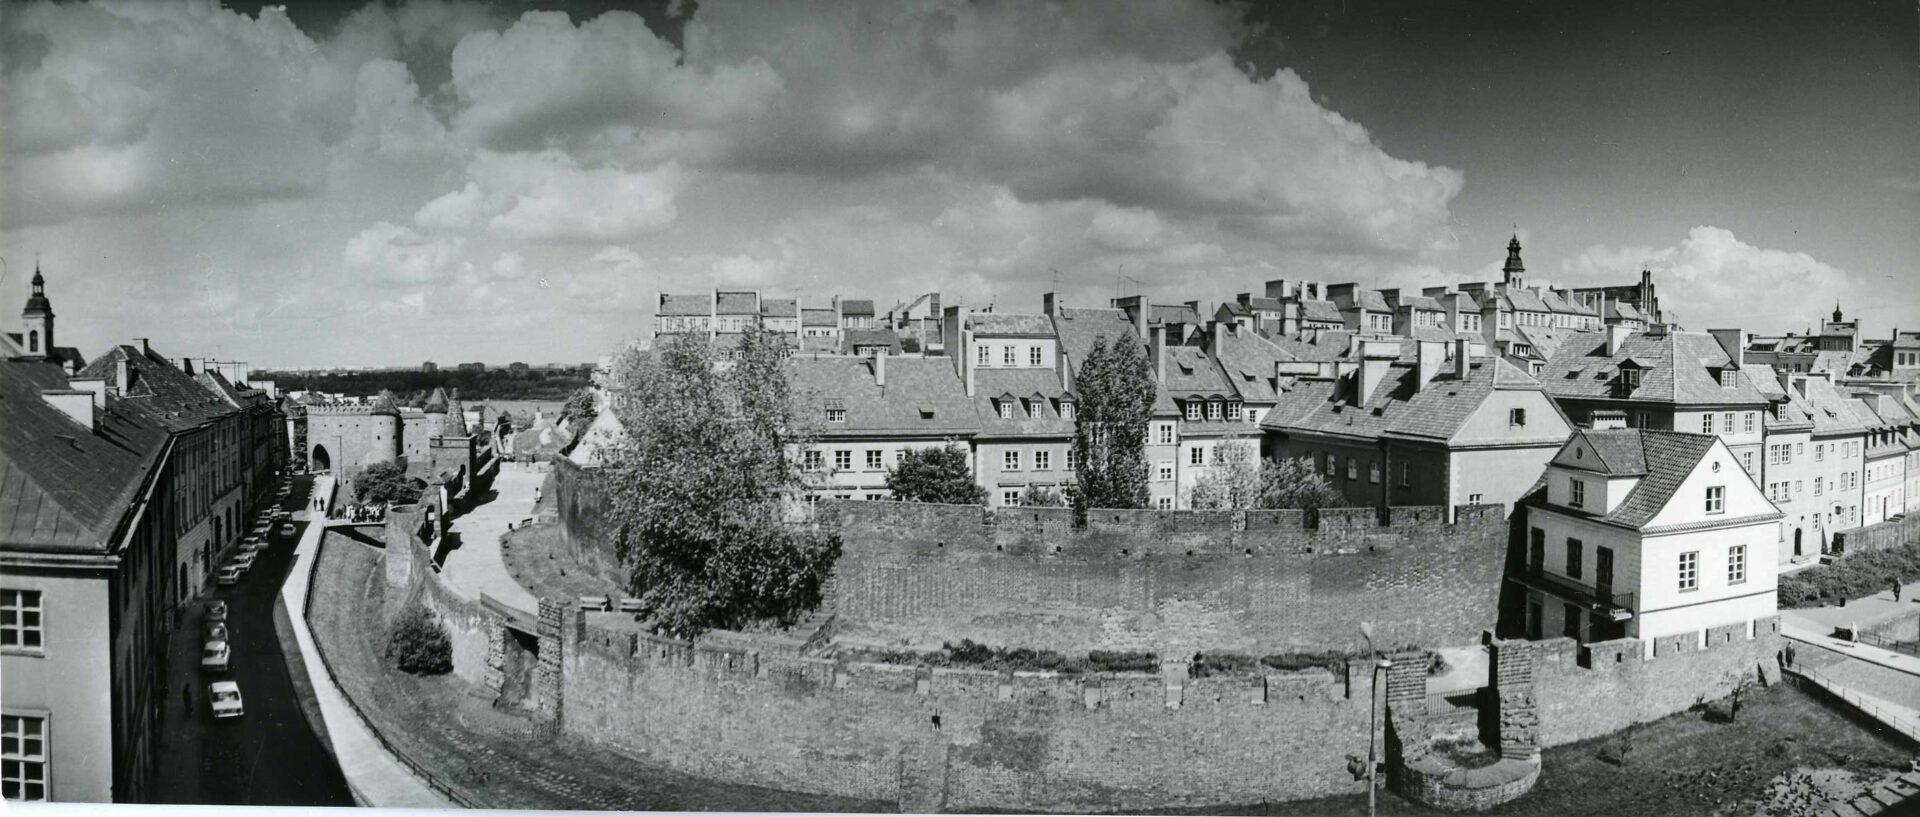 Kamienice Starego Miasta otoczone podwójnym pierścieniem murów obronnych, które przebiegają łukiem. Wzewnętrznym murze widać pozostałości baszt.